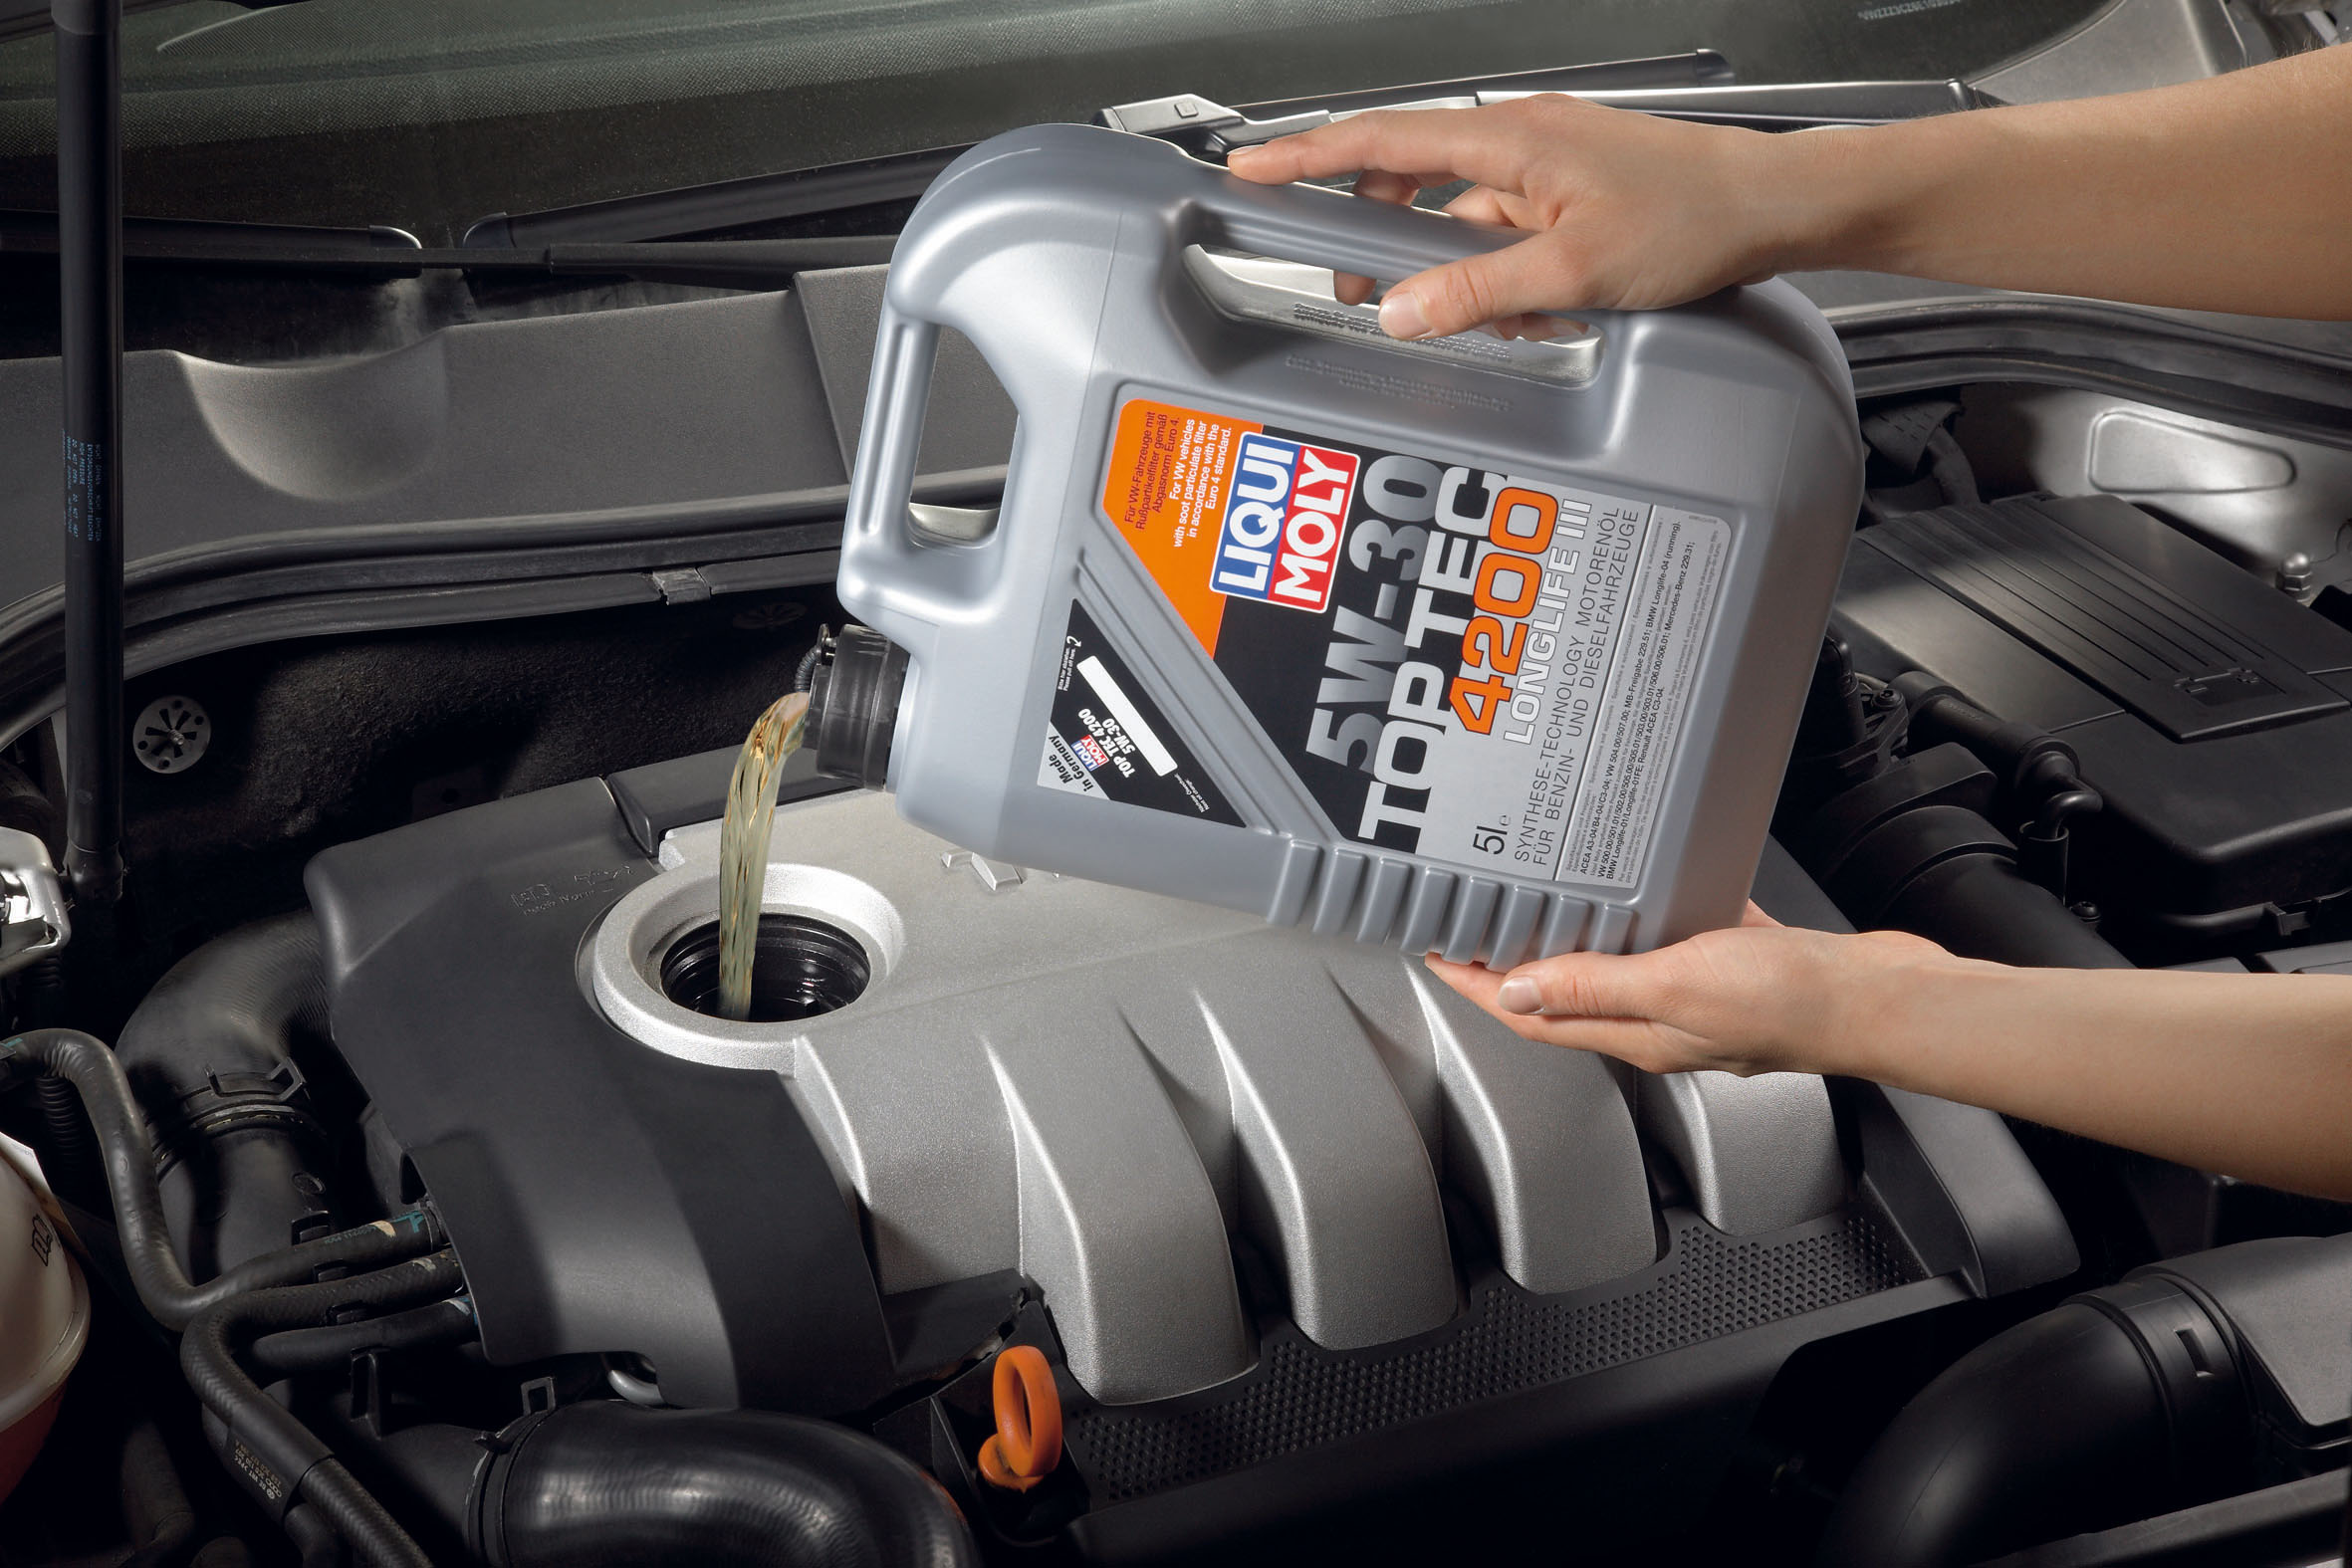 Замена масла в раздатке Нива Шевроле: какое трансмиссионное лучше лить в коробку и мосты, объем в кпп, замена своими руками